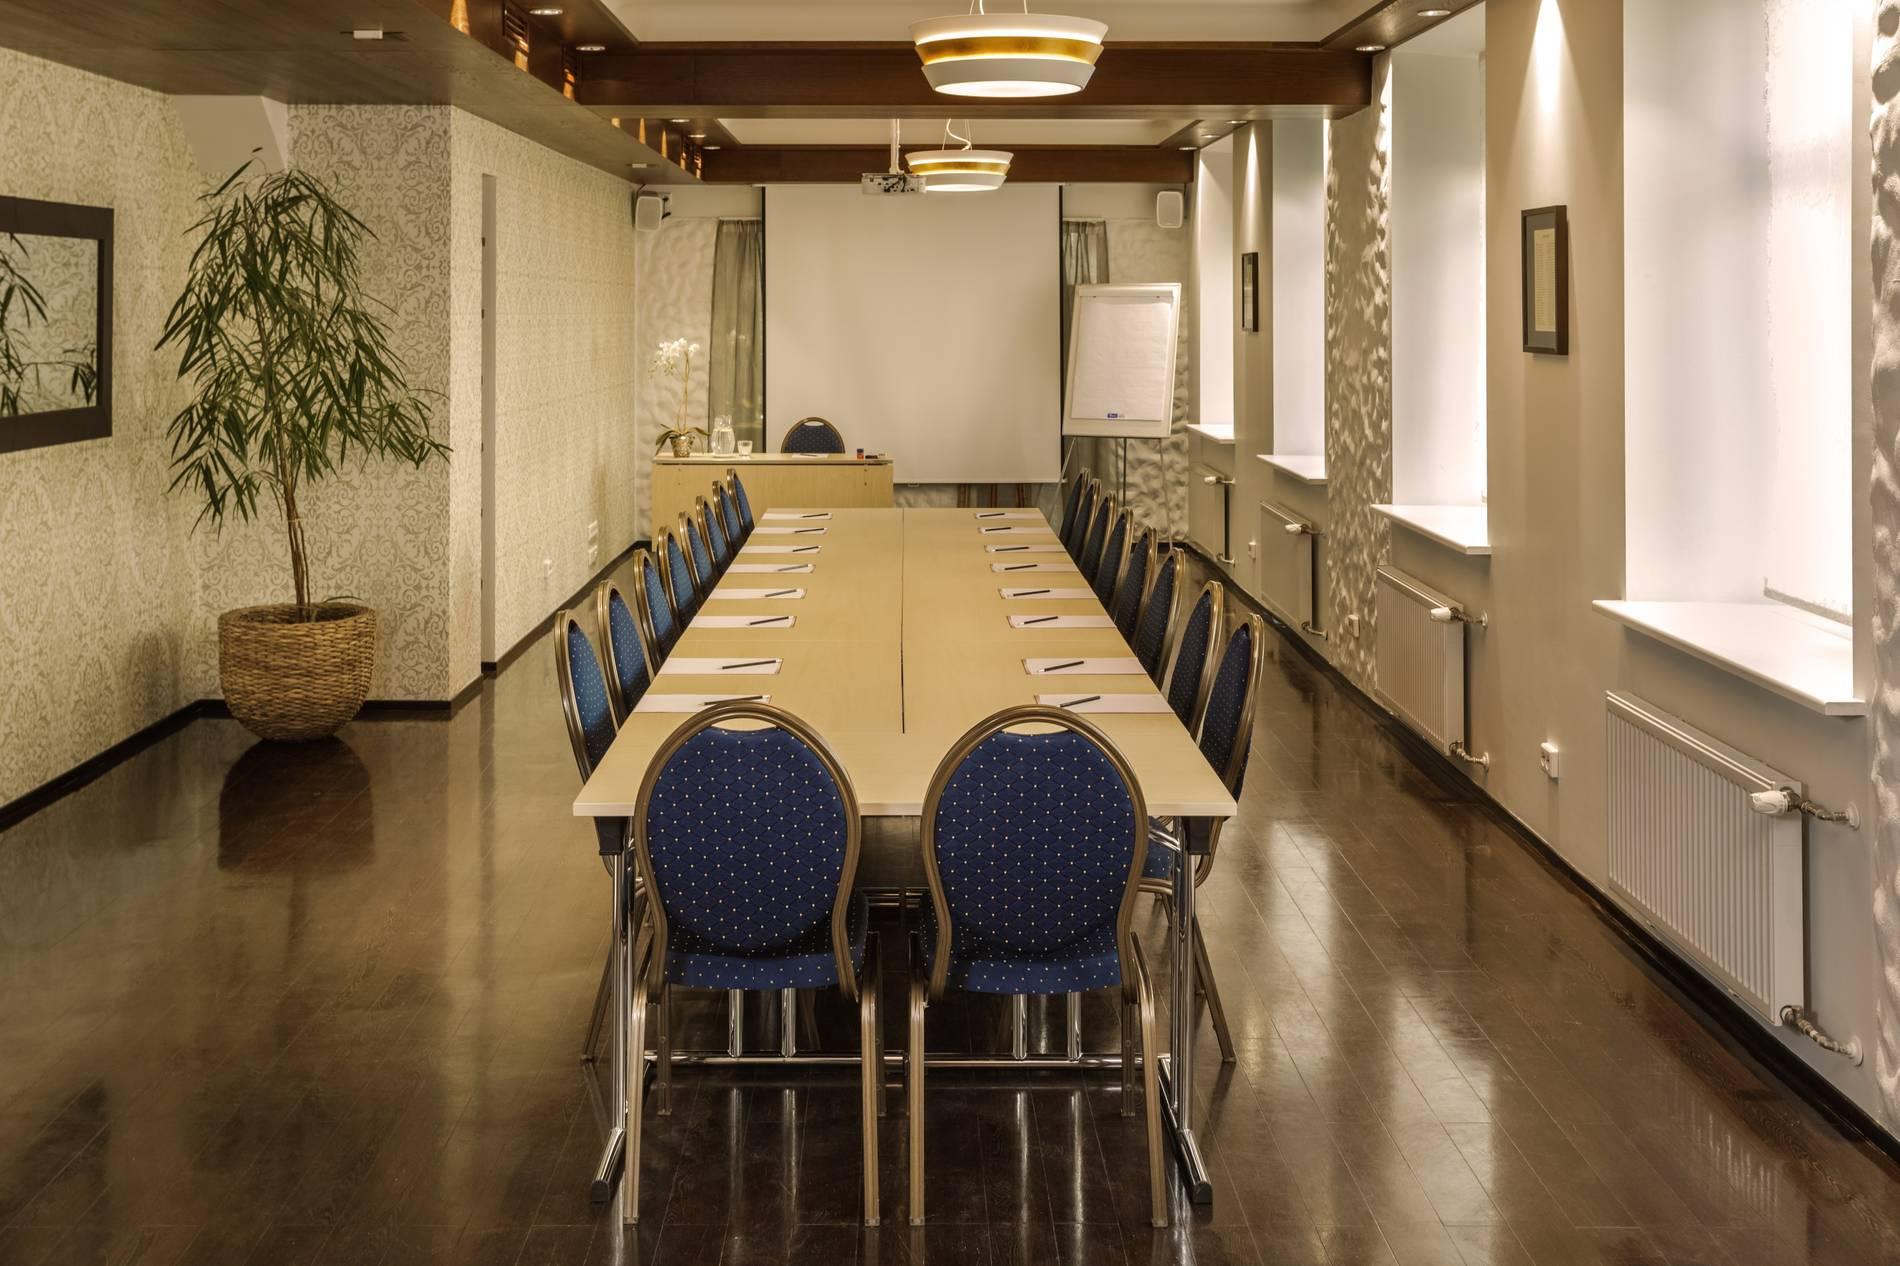 Kreutzwald Hotel Tallinn_seminarroom_2020